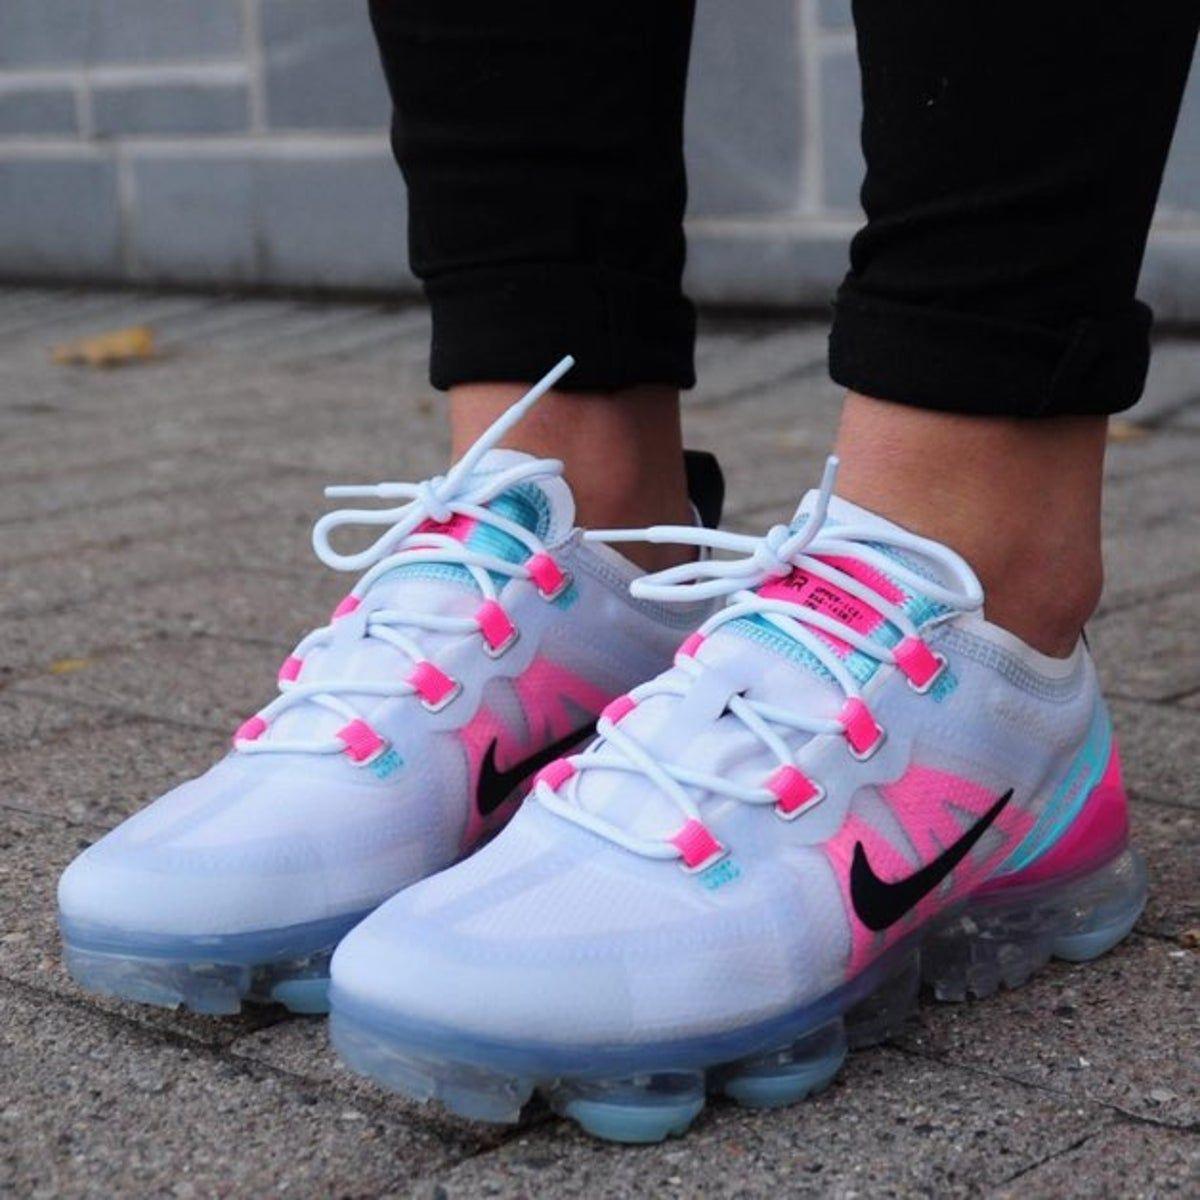 New Nike Women S Air Vapormax 2019 6 5 Nike Shoes Women Nike Shoes Outfits Nike Women